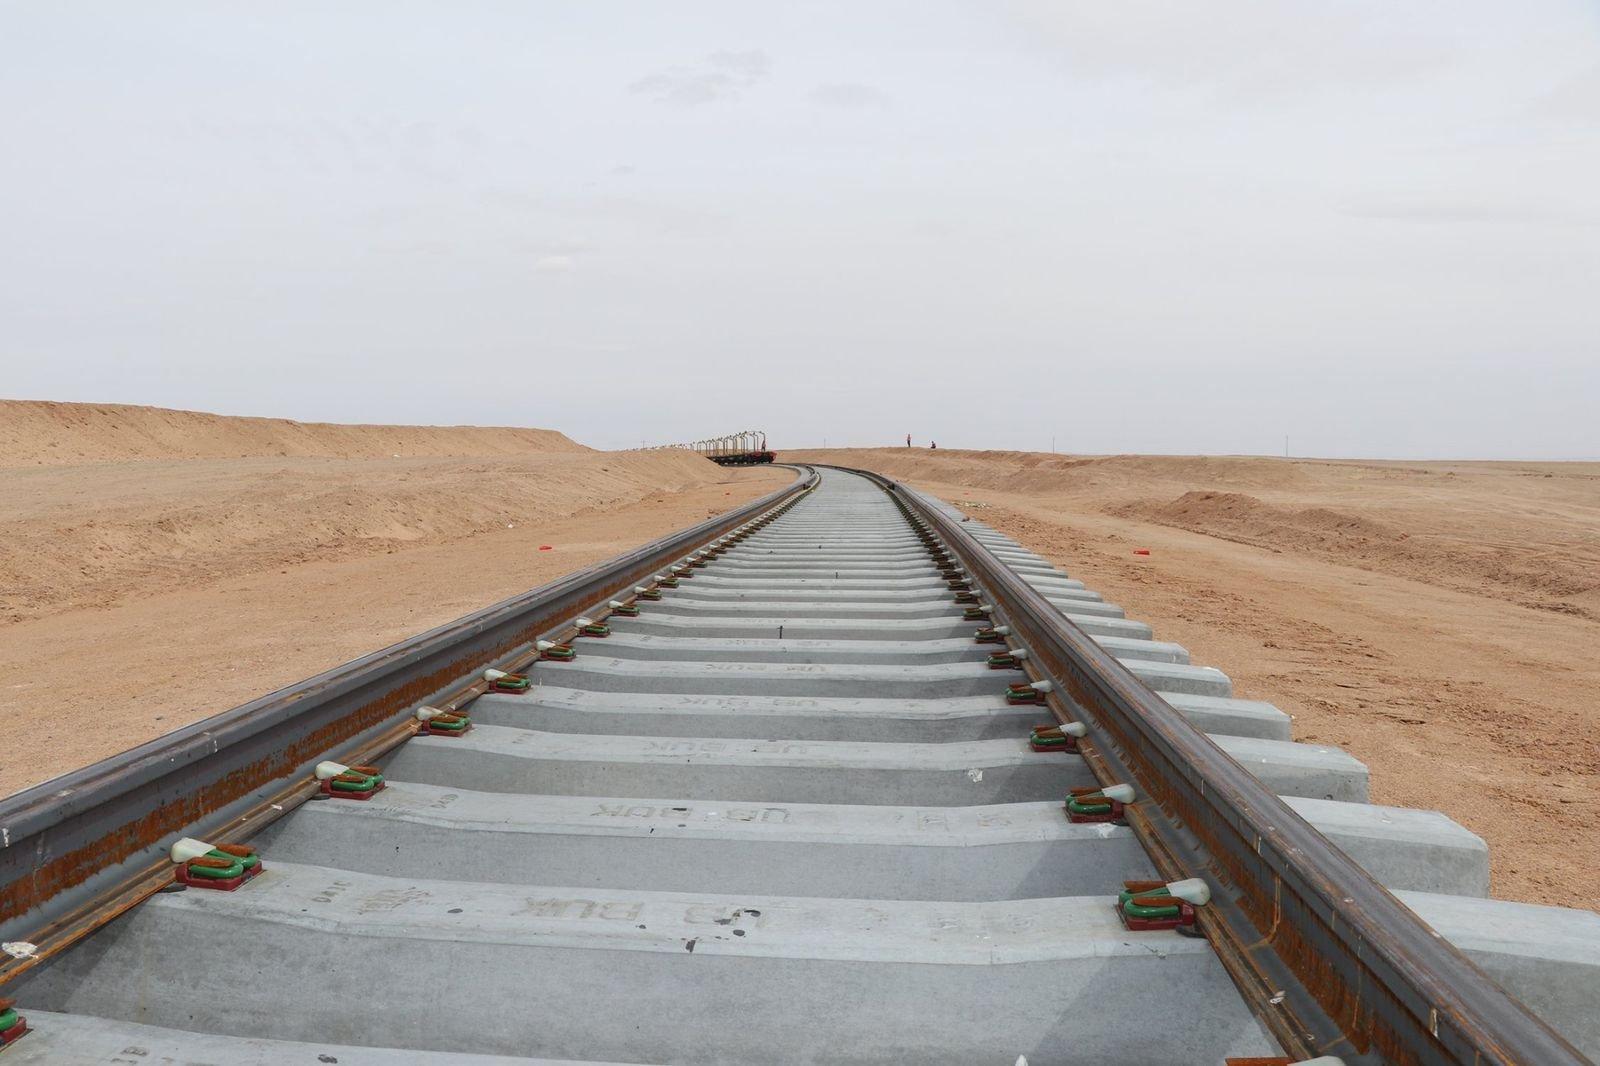 Тавантолгой-Зүүнбаян чиглэлийн эхний 43.5 километр төмөр замыг барьж дуусгажээ